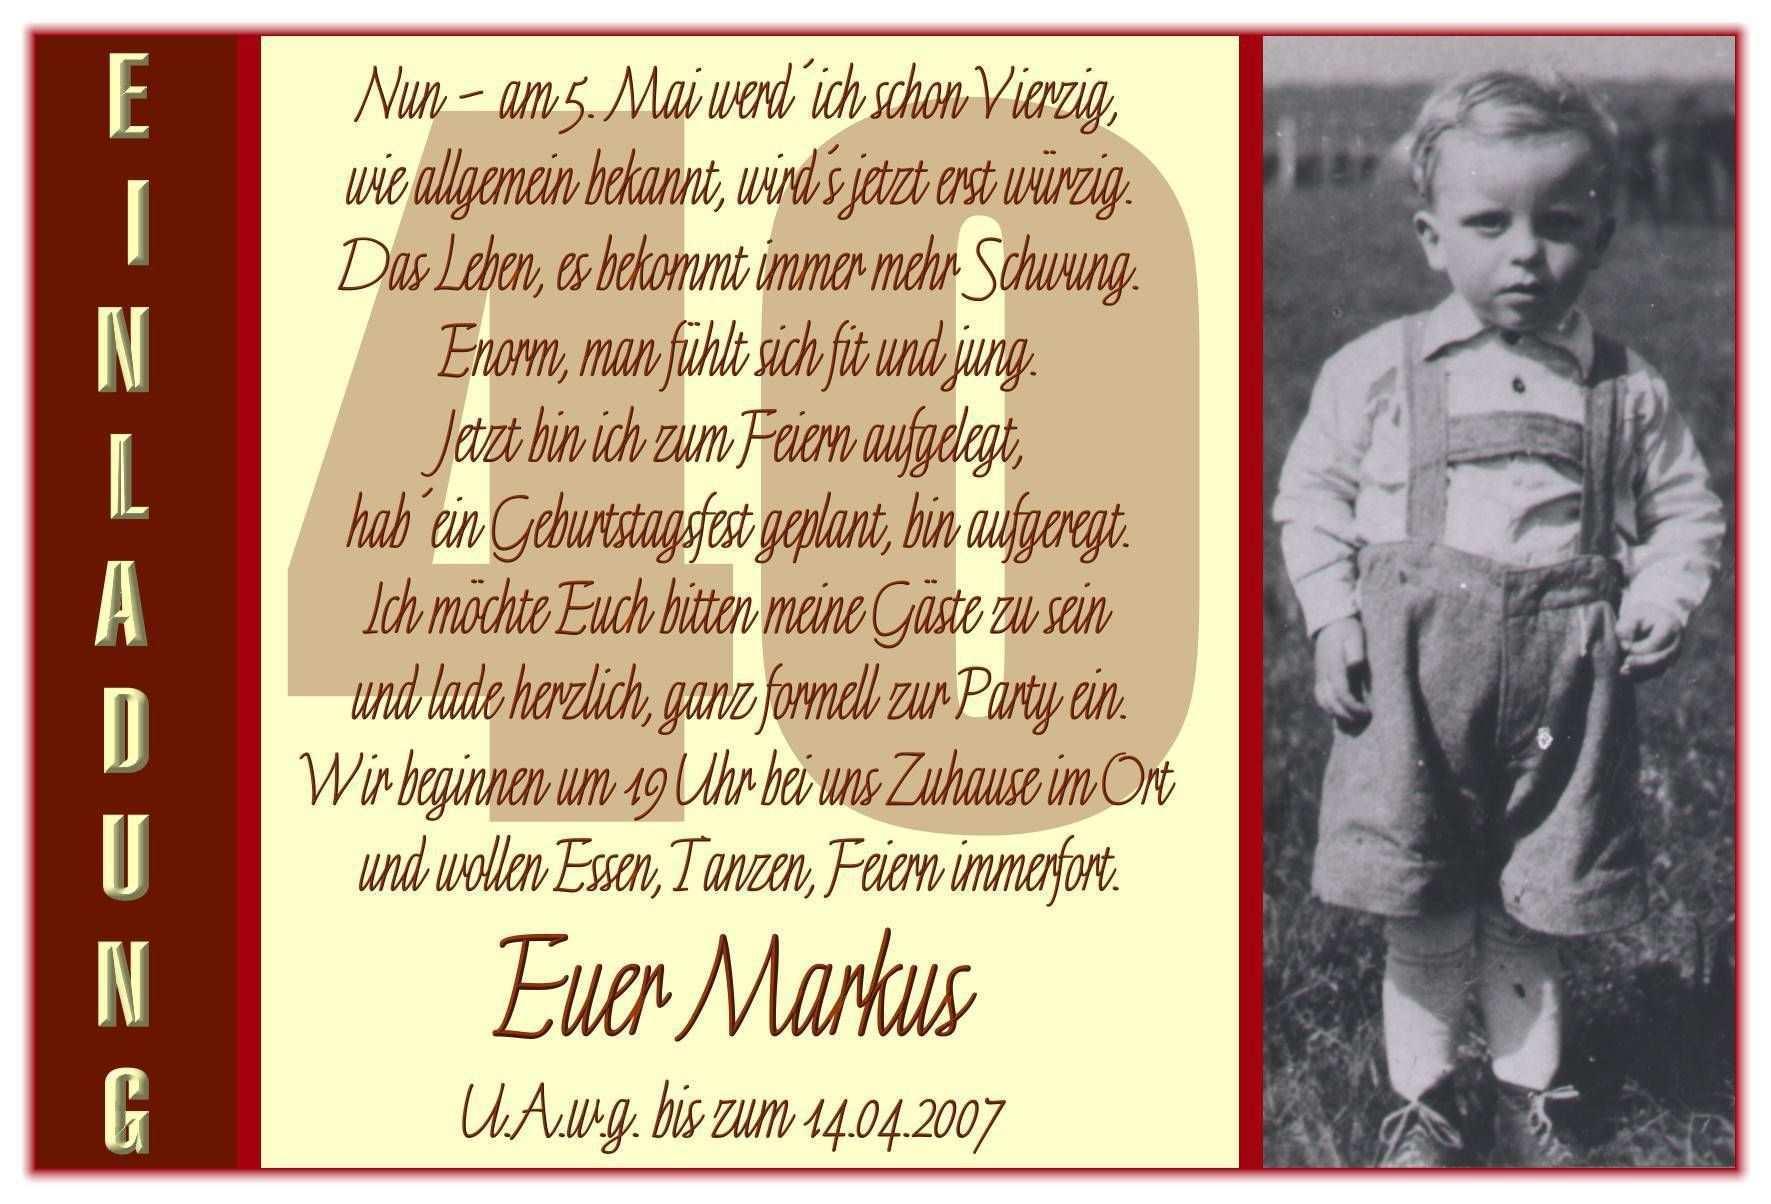 Geburtstag Einladungskarte Einladungskarten 80 Geburtstag Vorlagen Kostenlos Geburtstag Einladungskarte